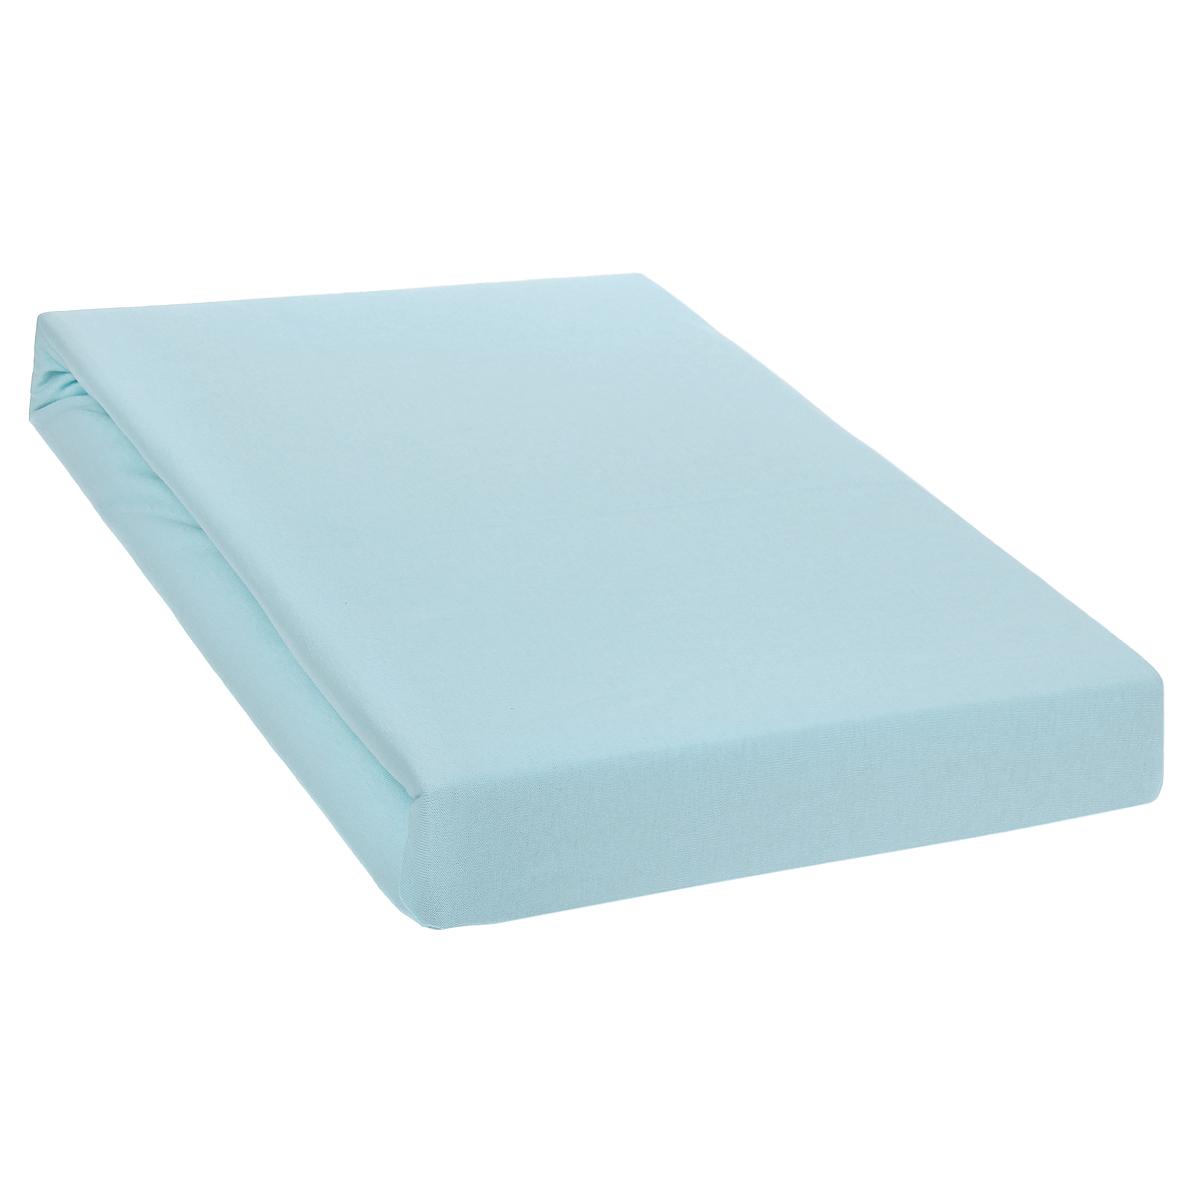 Простыня на резинке Tete-a-Tete, цвет: роса, 200 см х 200 смF0150739RAОднотонная простыня на резинке Tete-a-Tete выполнена из натурального хлопка. Высочайшее качество материала гарантирует безопасность не только взрослых, но и самых маленьких членов семьи. Простыня гармонично впишется в интерьер вашего дома и создаст атмосферу уюта и комфорта.Особенности коллекции Tete-a-Tete:- выдерживает более 100 стирок практически без изменения внешнего вида,- модные цвета и стойкие оттенки,- минимальная усадка,- надежные резинки и износостойкая ткань,- безупречное качество,- гиппоаллергенно.Коллекция Tete-a-Tete специально создана для практичных людей, которые ценят качество и долговечность вещей, окружают своих близких теплотой и заботой.